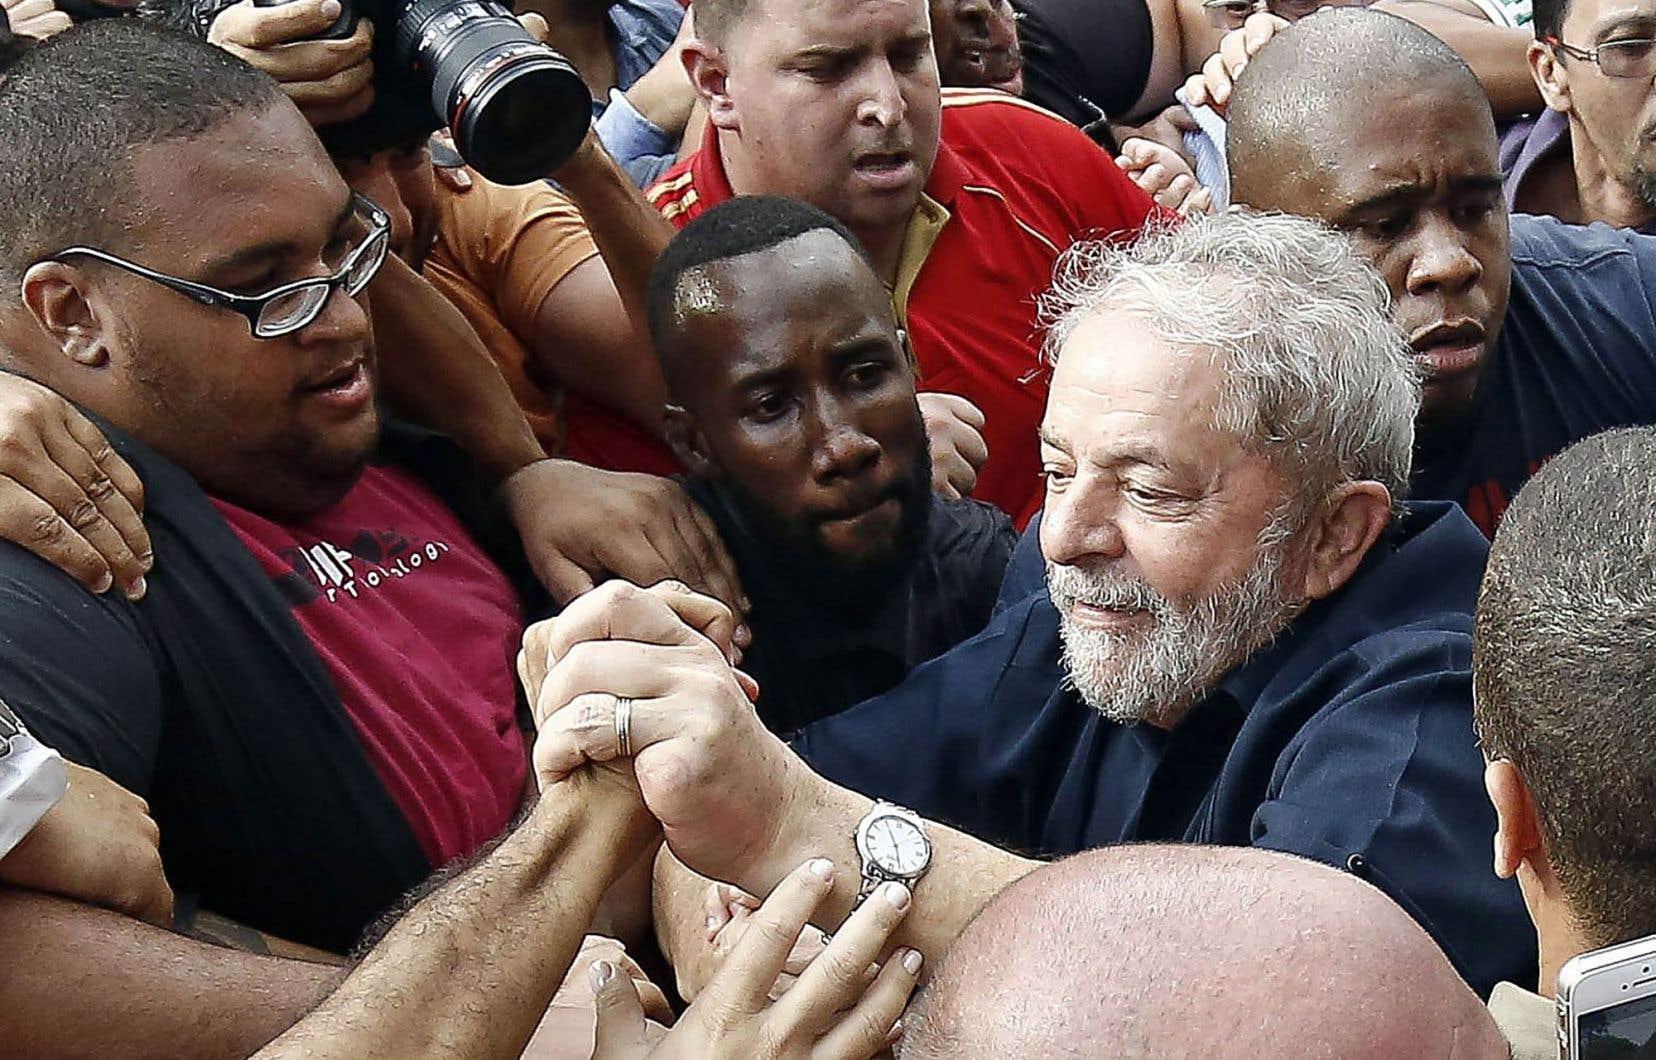 L'ex-président du Brésil, Luiz Inácio Lula da Silva, a été accueilli par ses partisans après avoir subi un interrogatoire de trois heures.